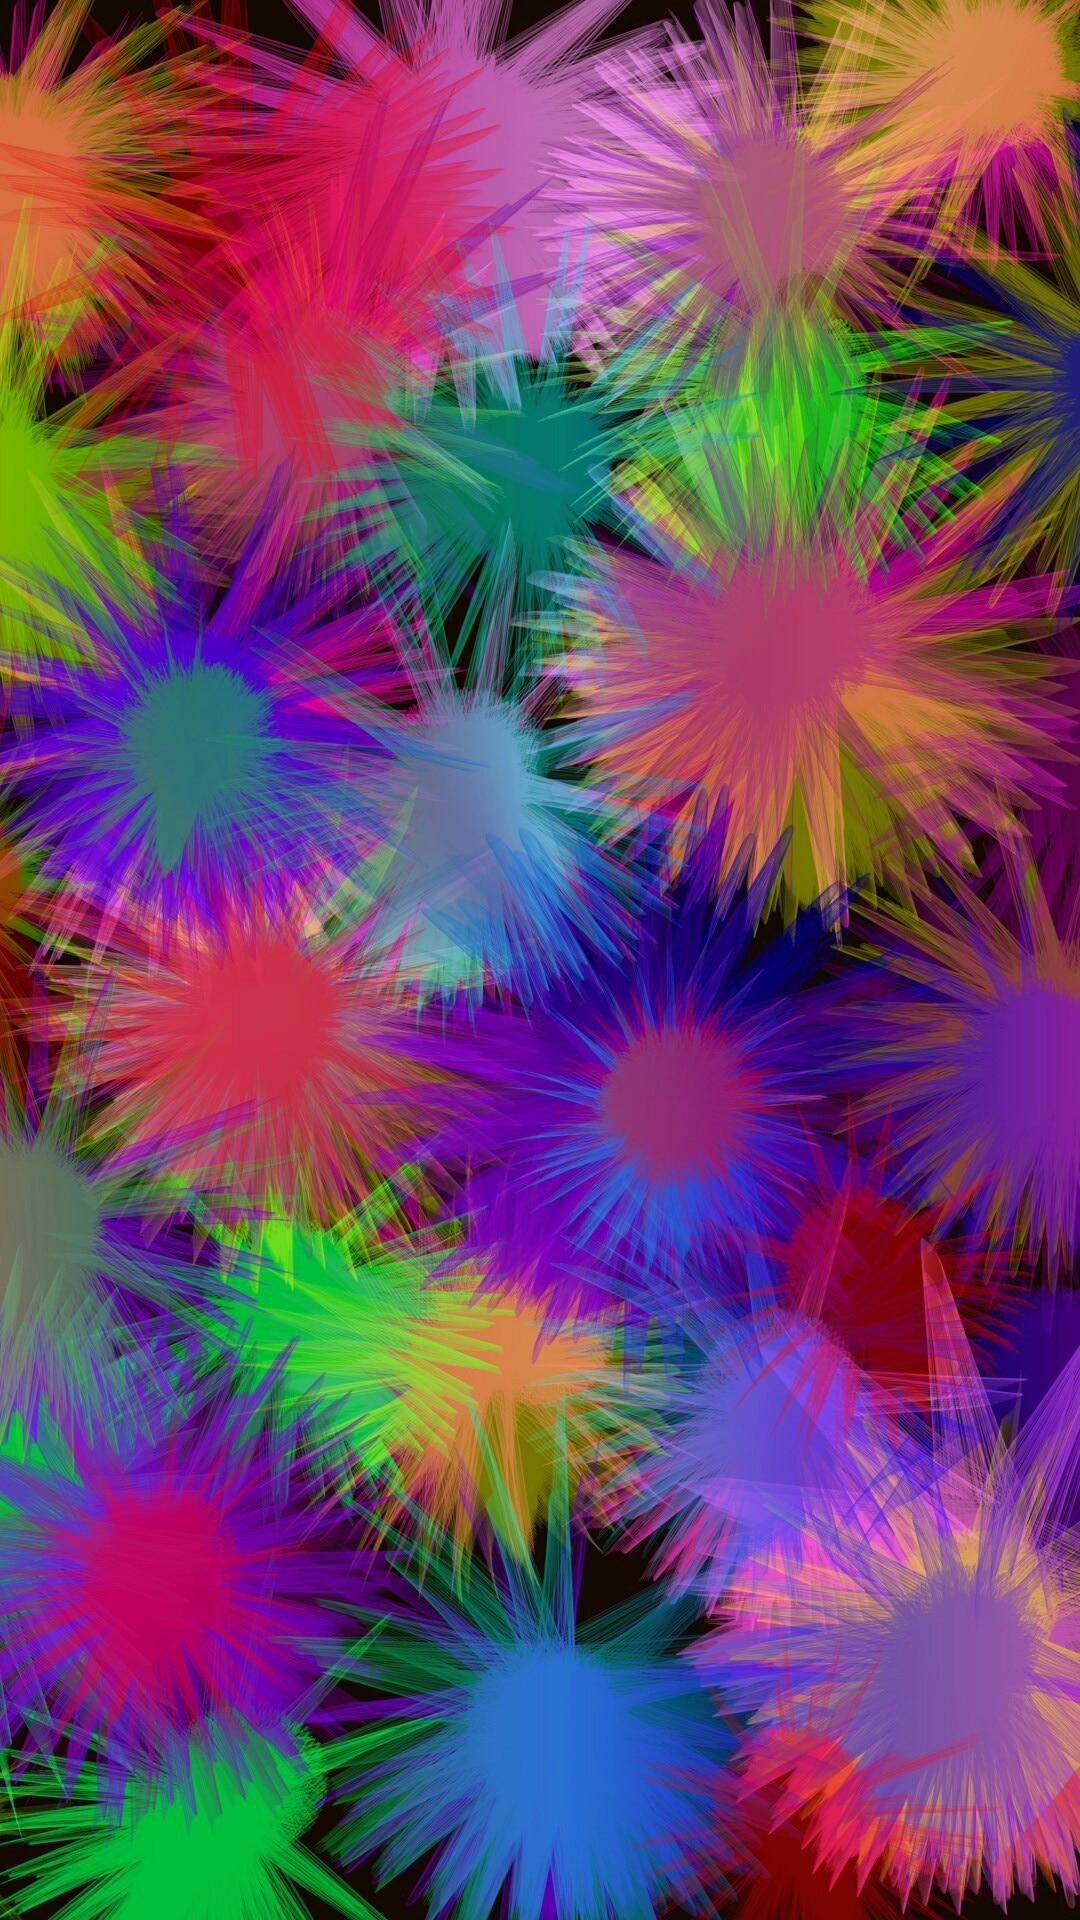 Awallpapers 65 spettacolari sfondi colorati per for Immagini spettacolari per desktop